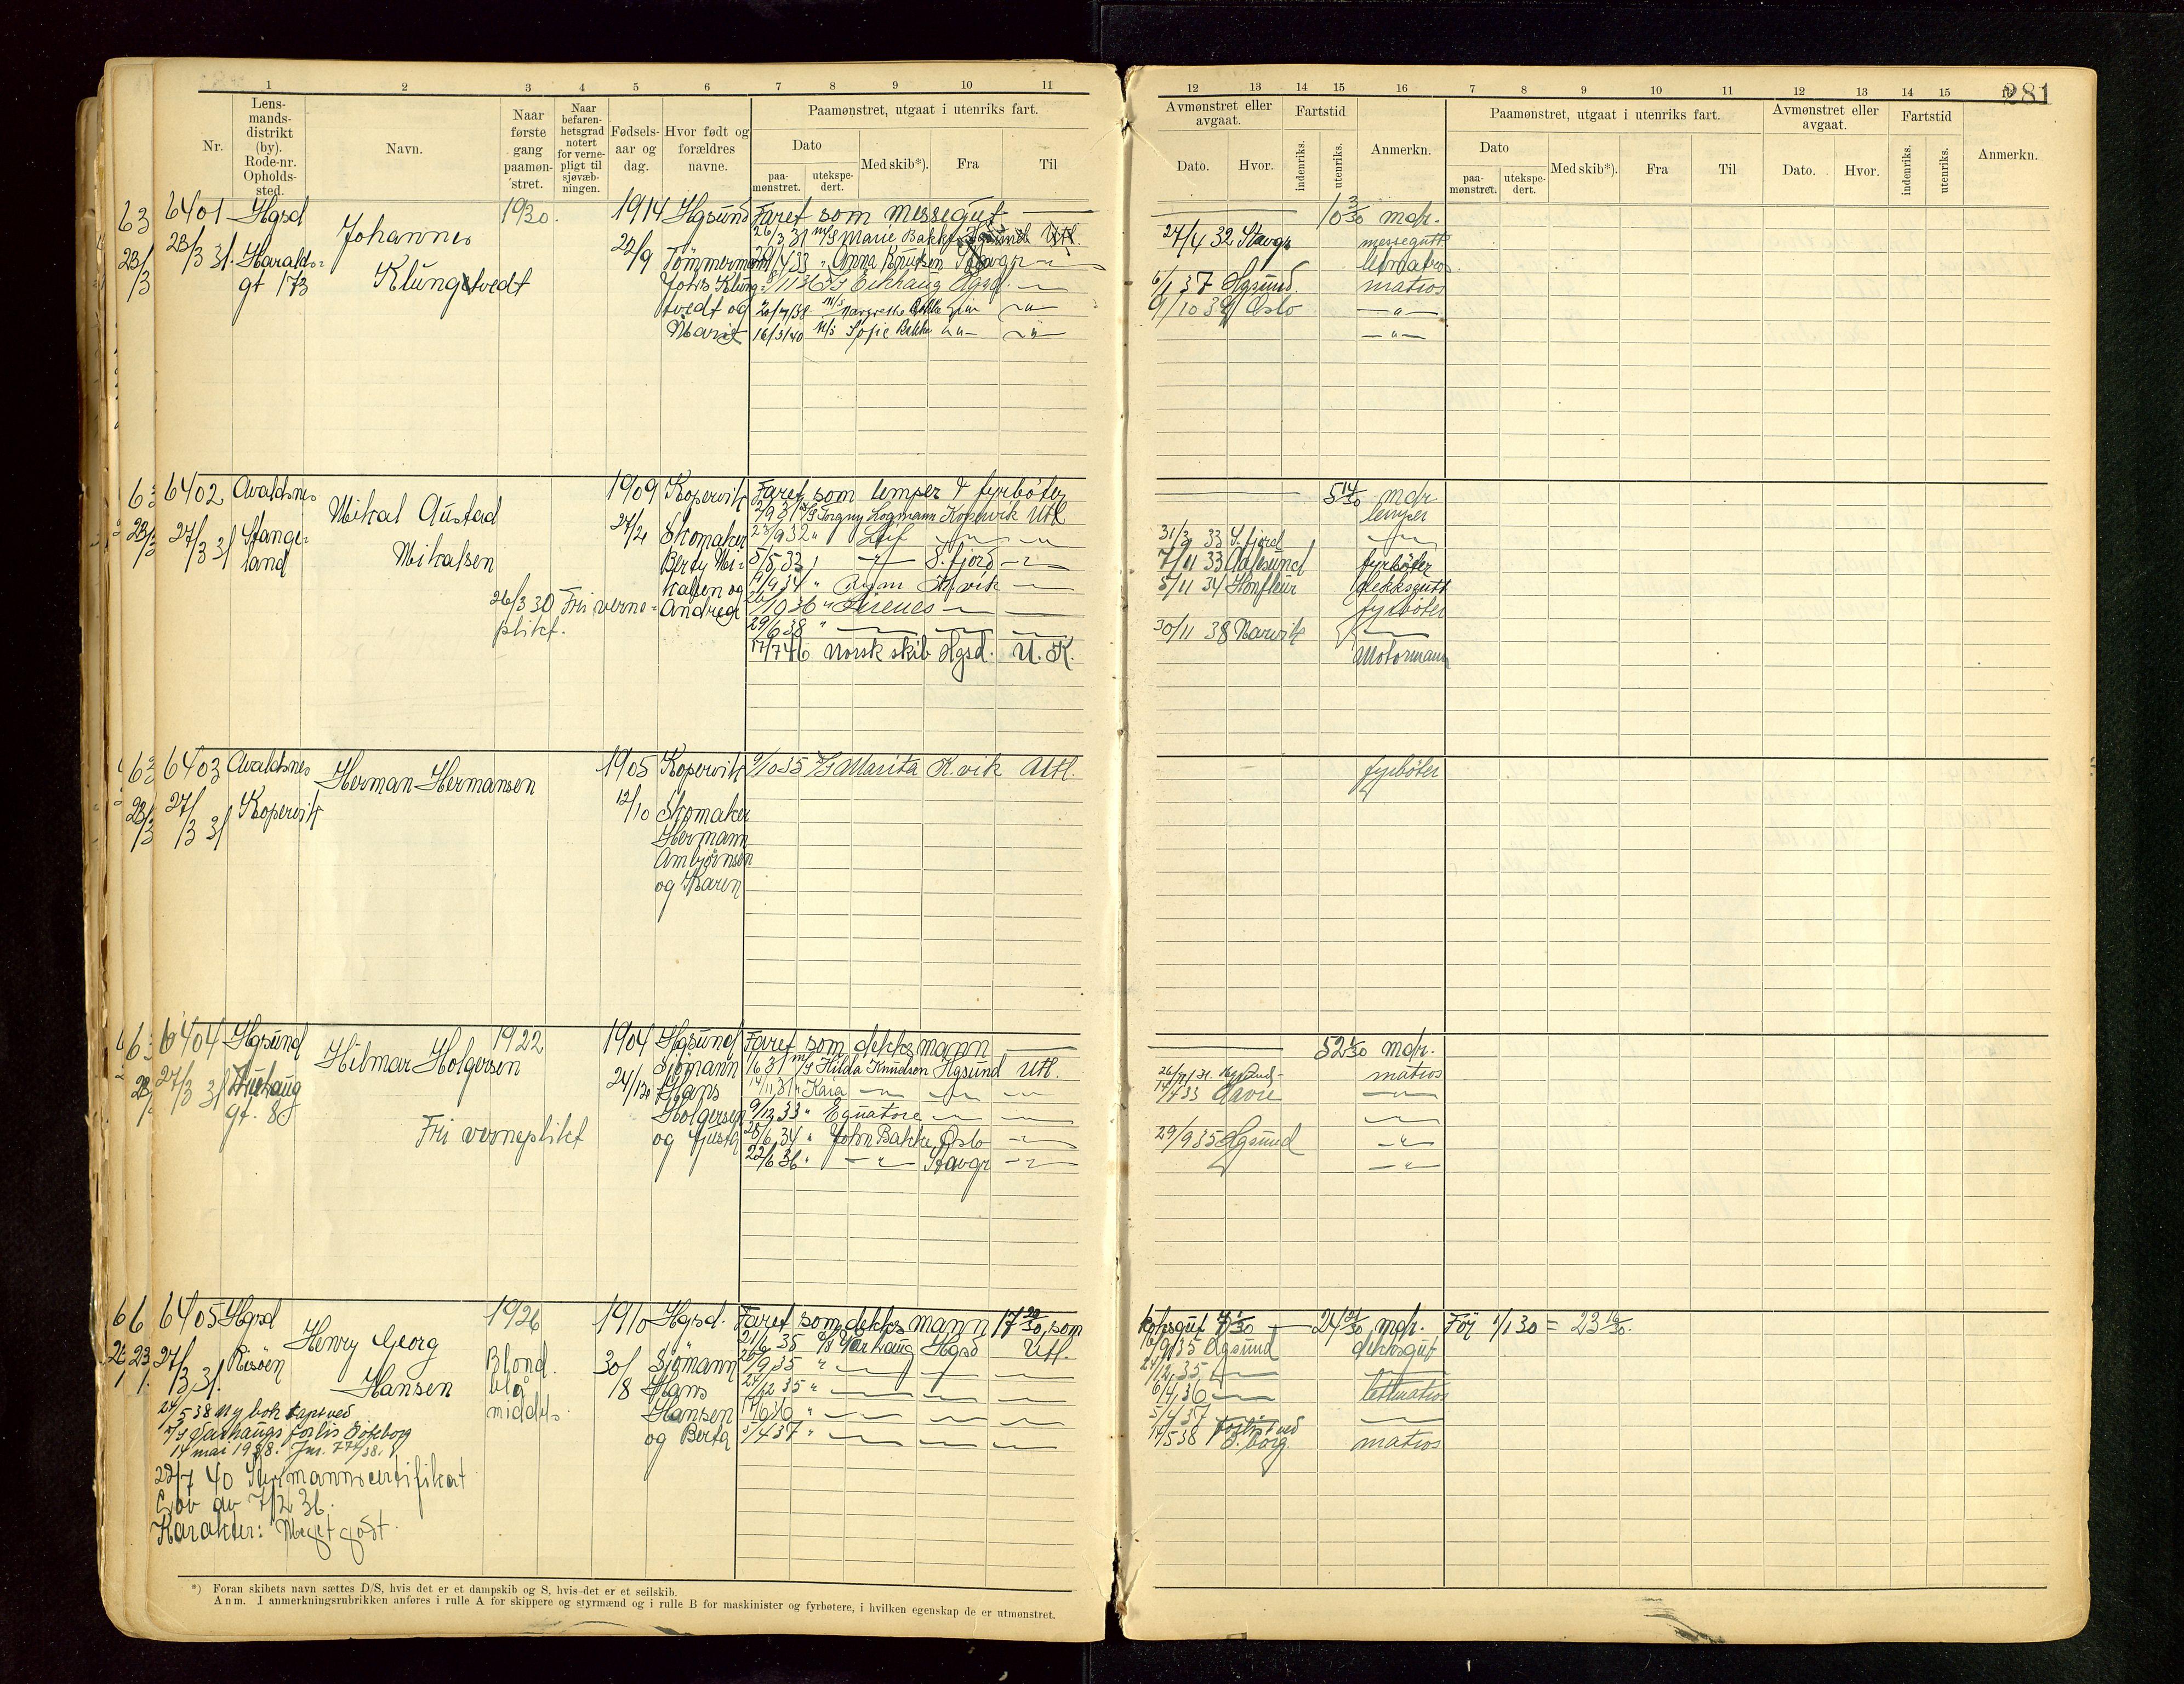 SAST, Haugesund sjømannskontor, F/Fb/Fbb/L0015: Sjøfartsrulle A Haugesund krets I nr 5001-8970, 1912-1948, s. 281